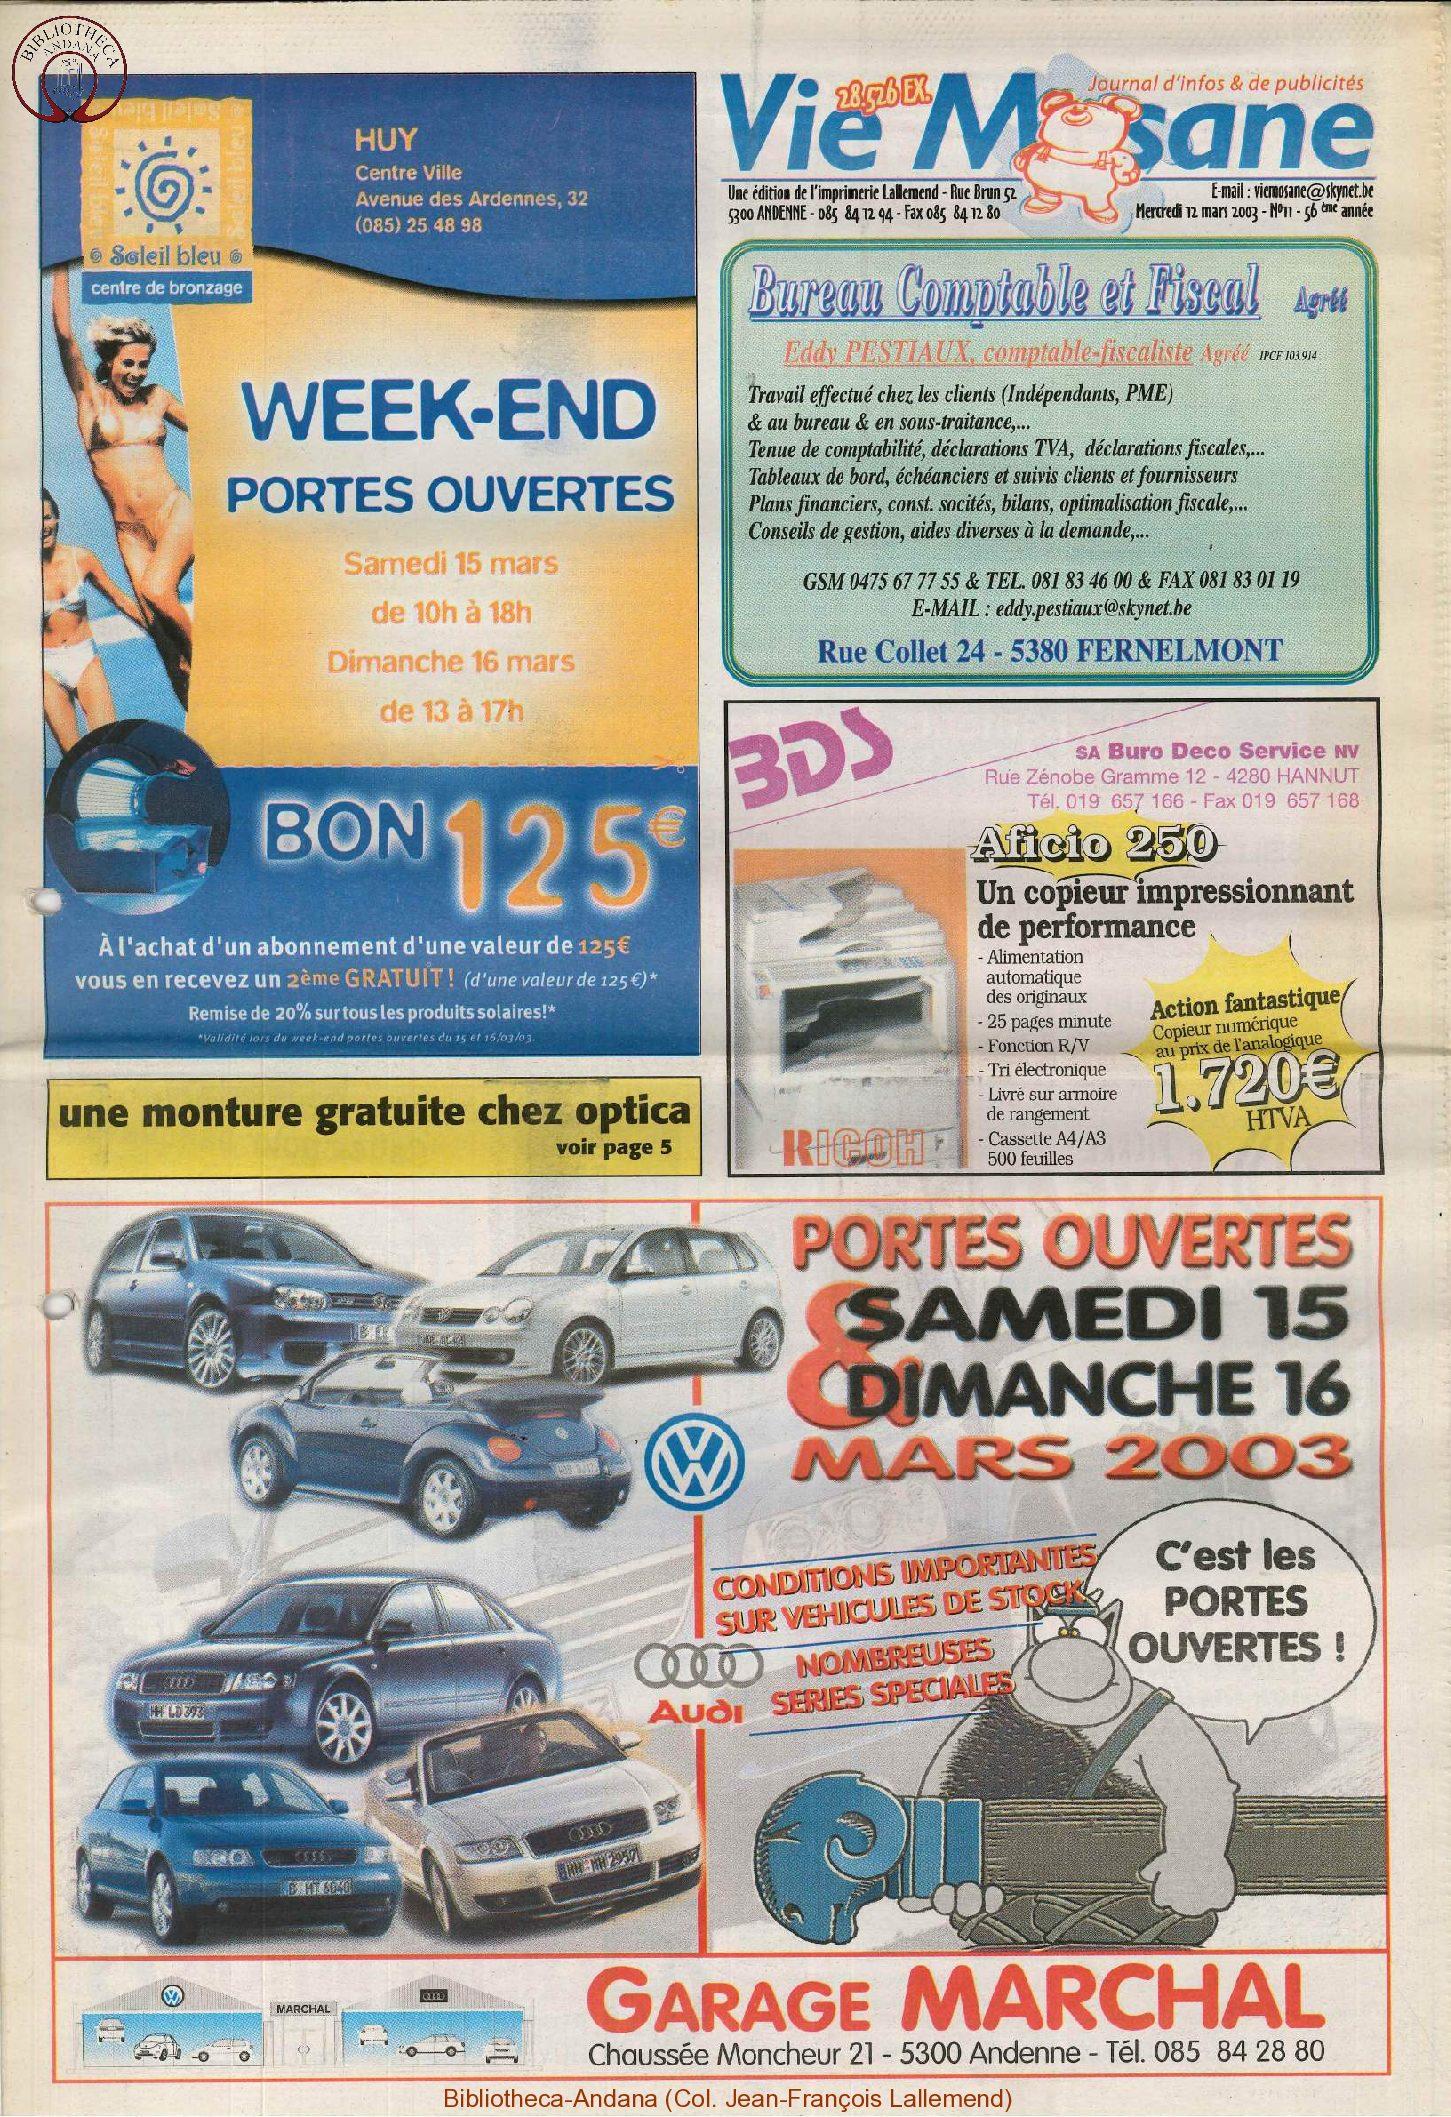 57e année - n°11 - 12 mars 2003